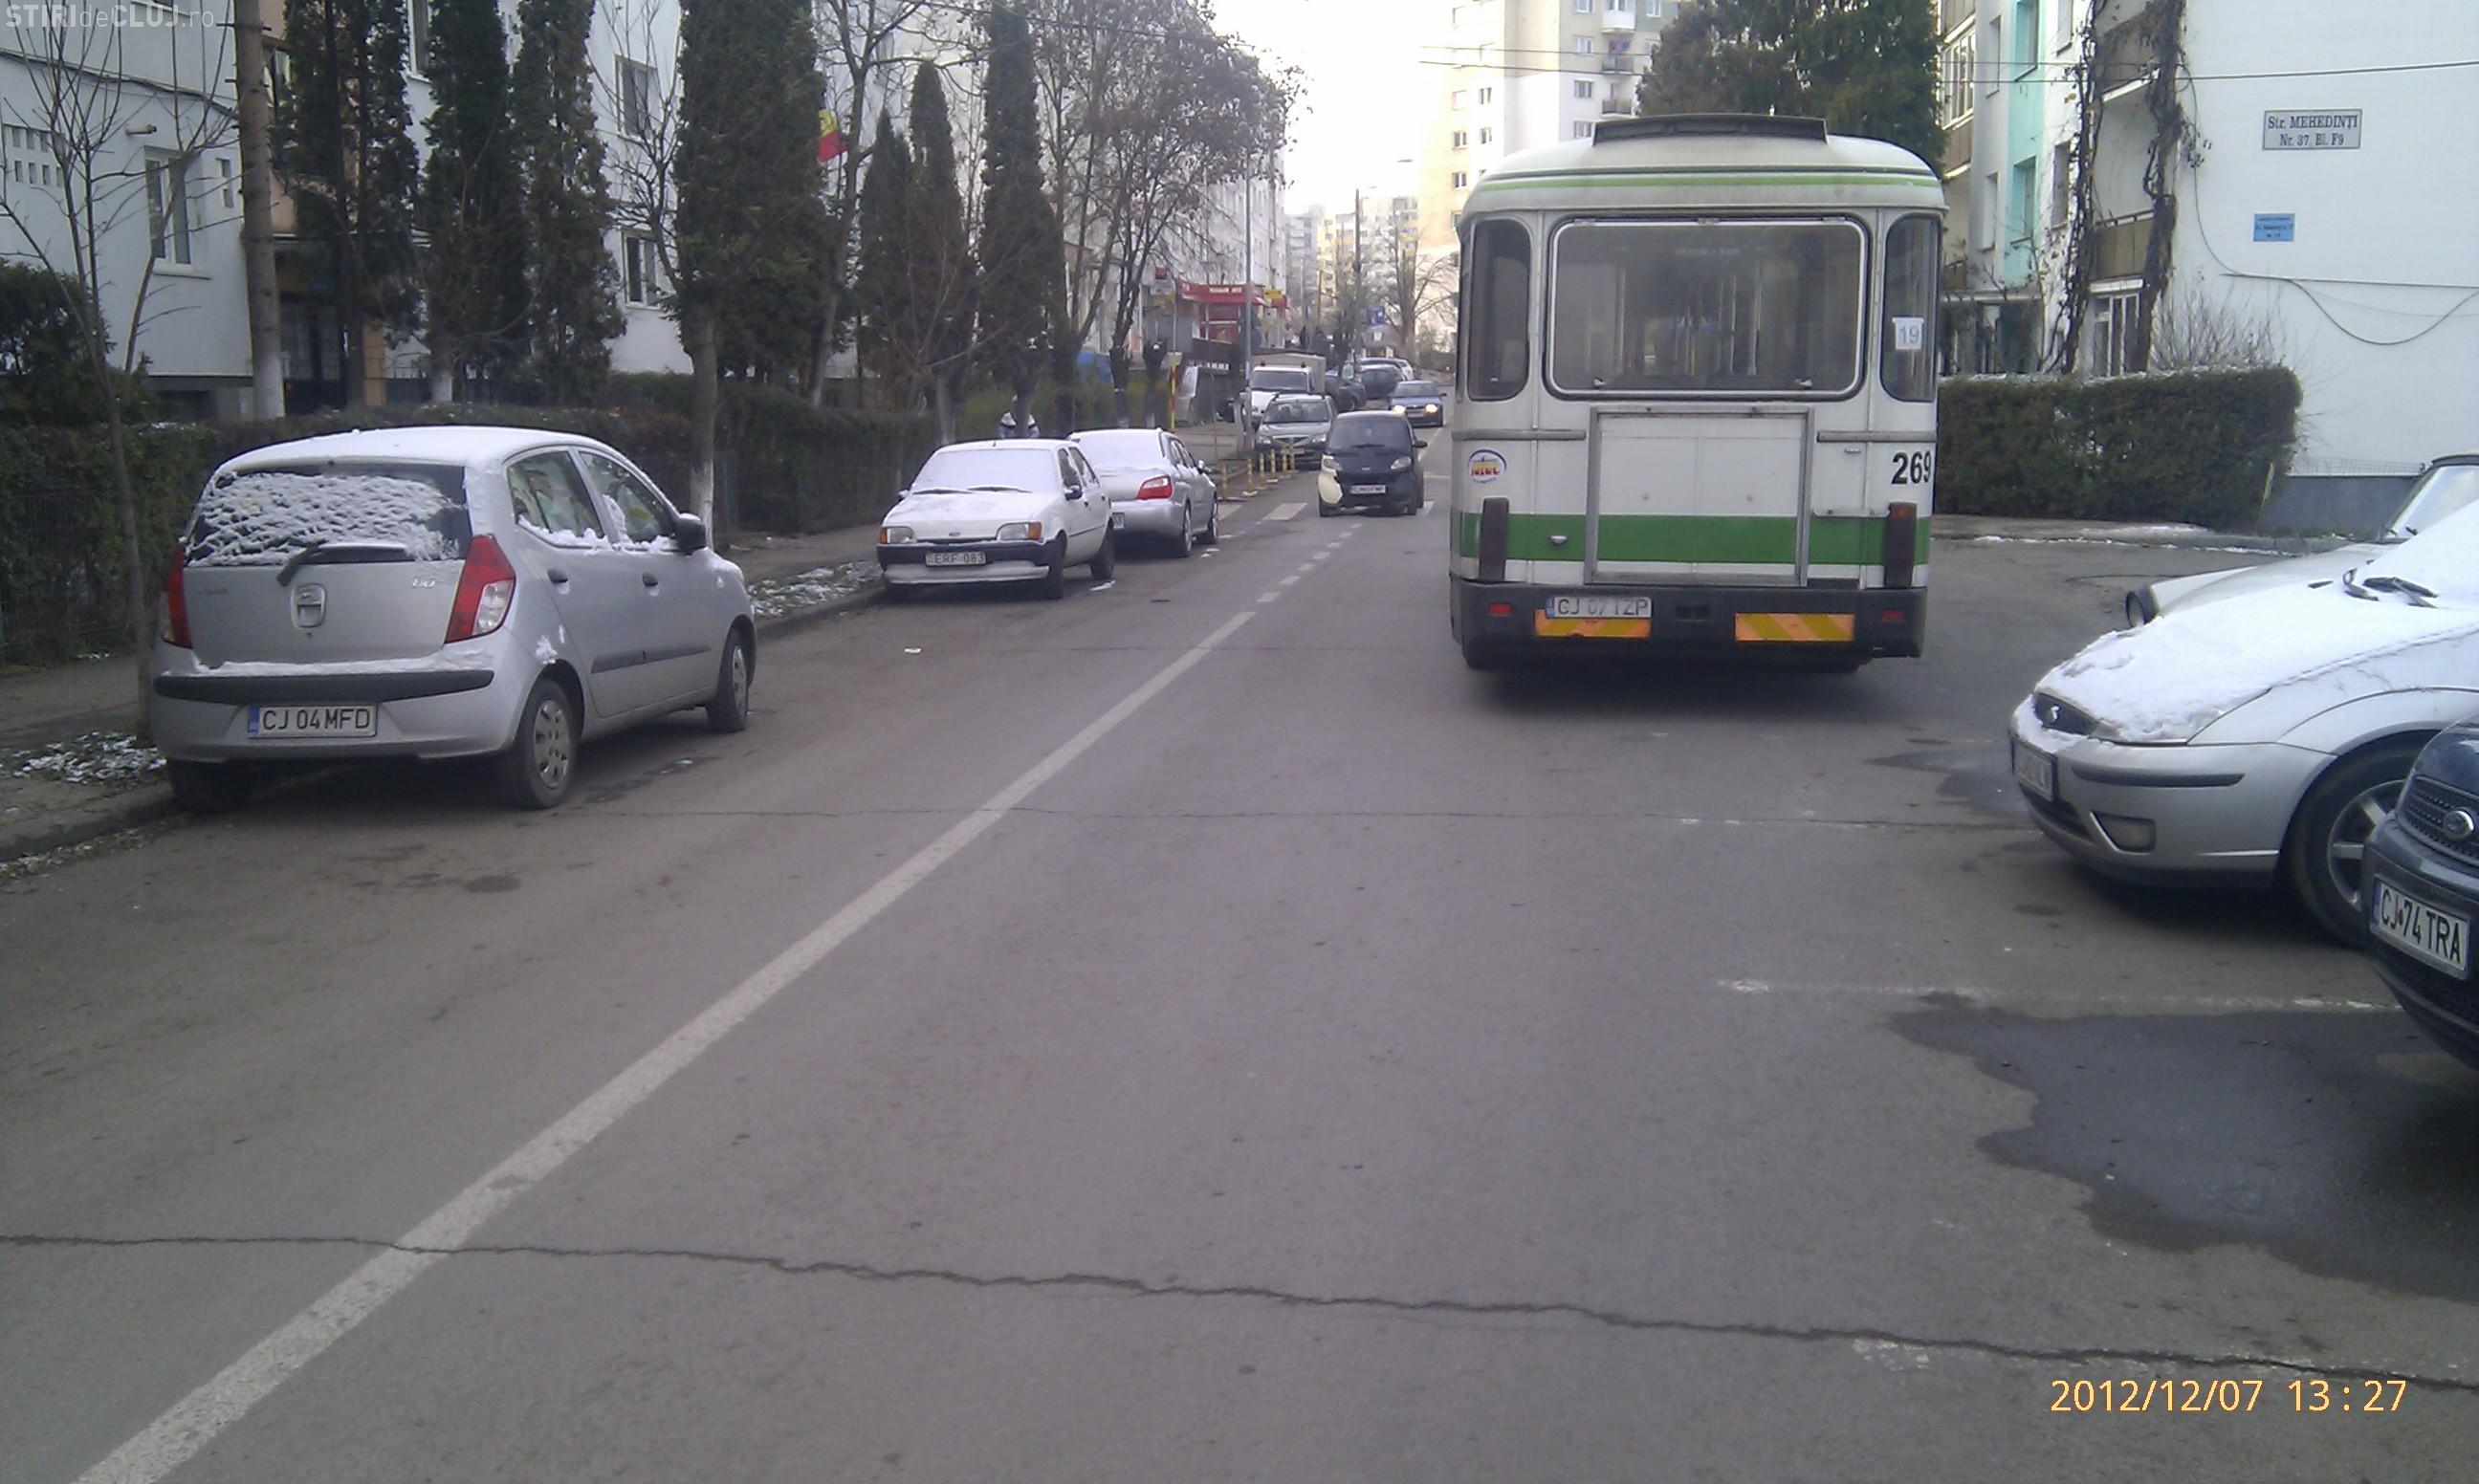 Stațiile de autobuz de pe strada Mehedinți, un pericol ...